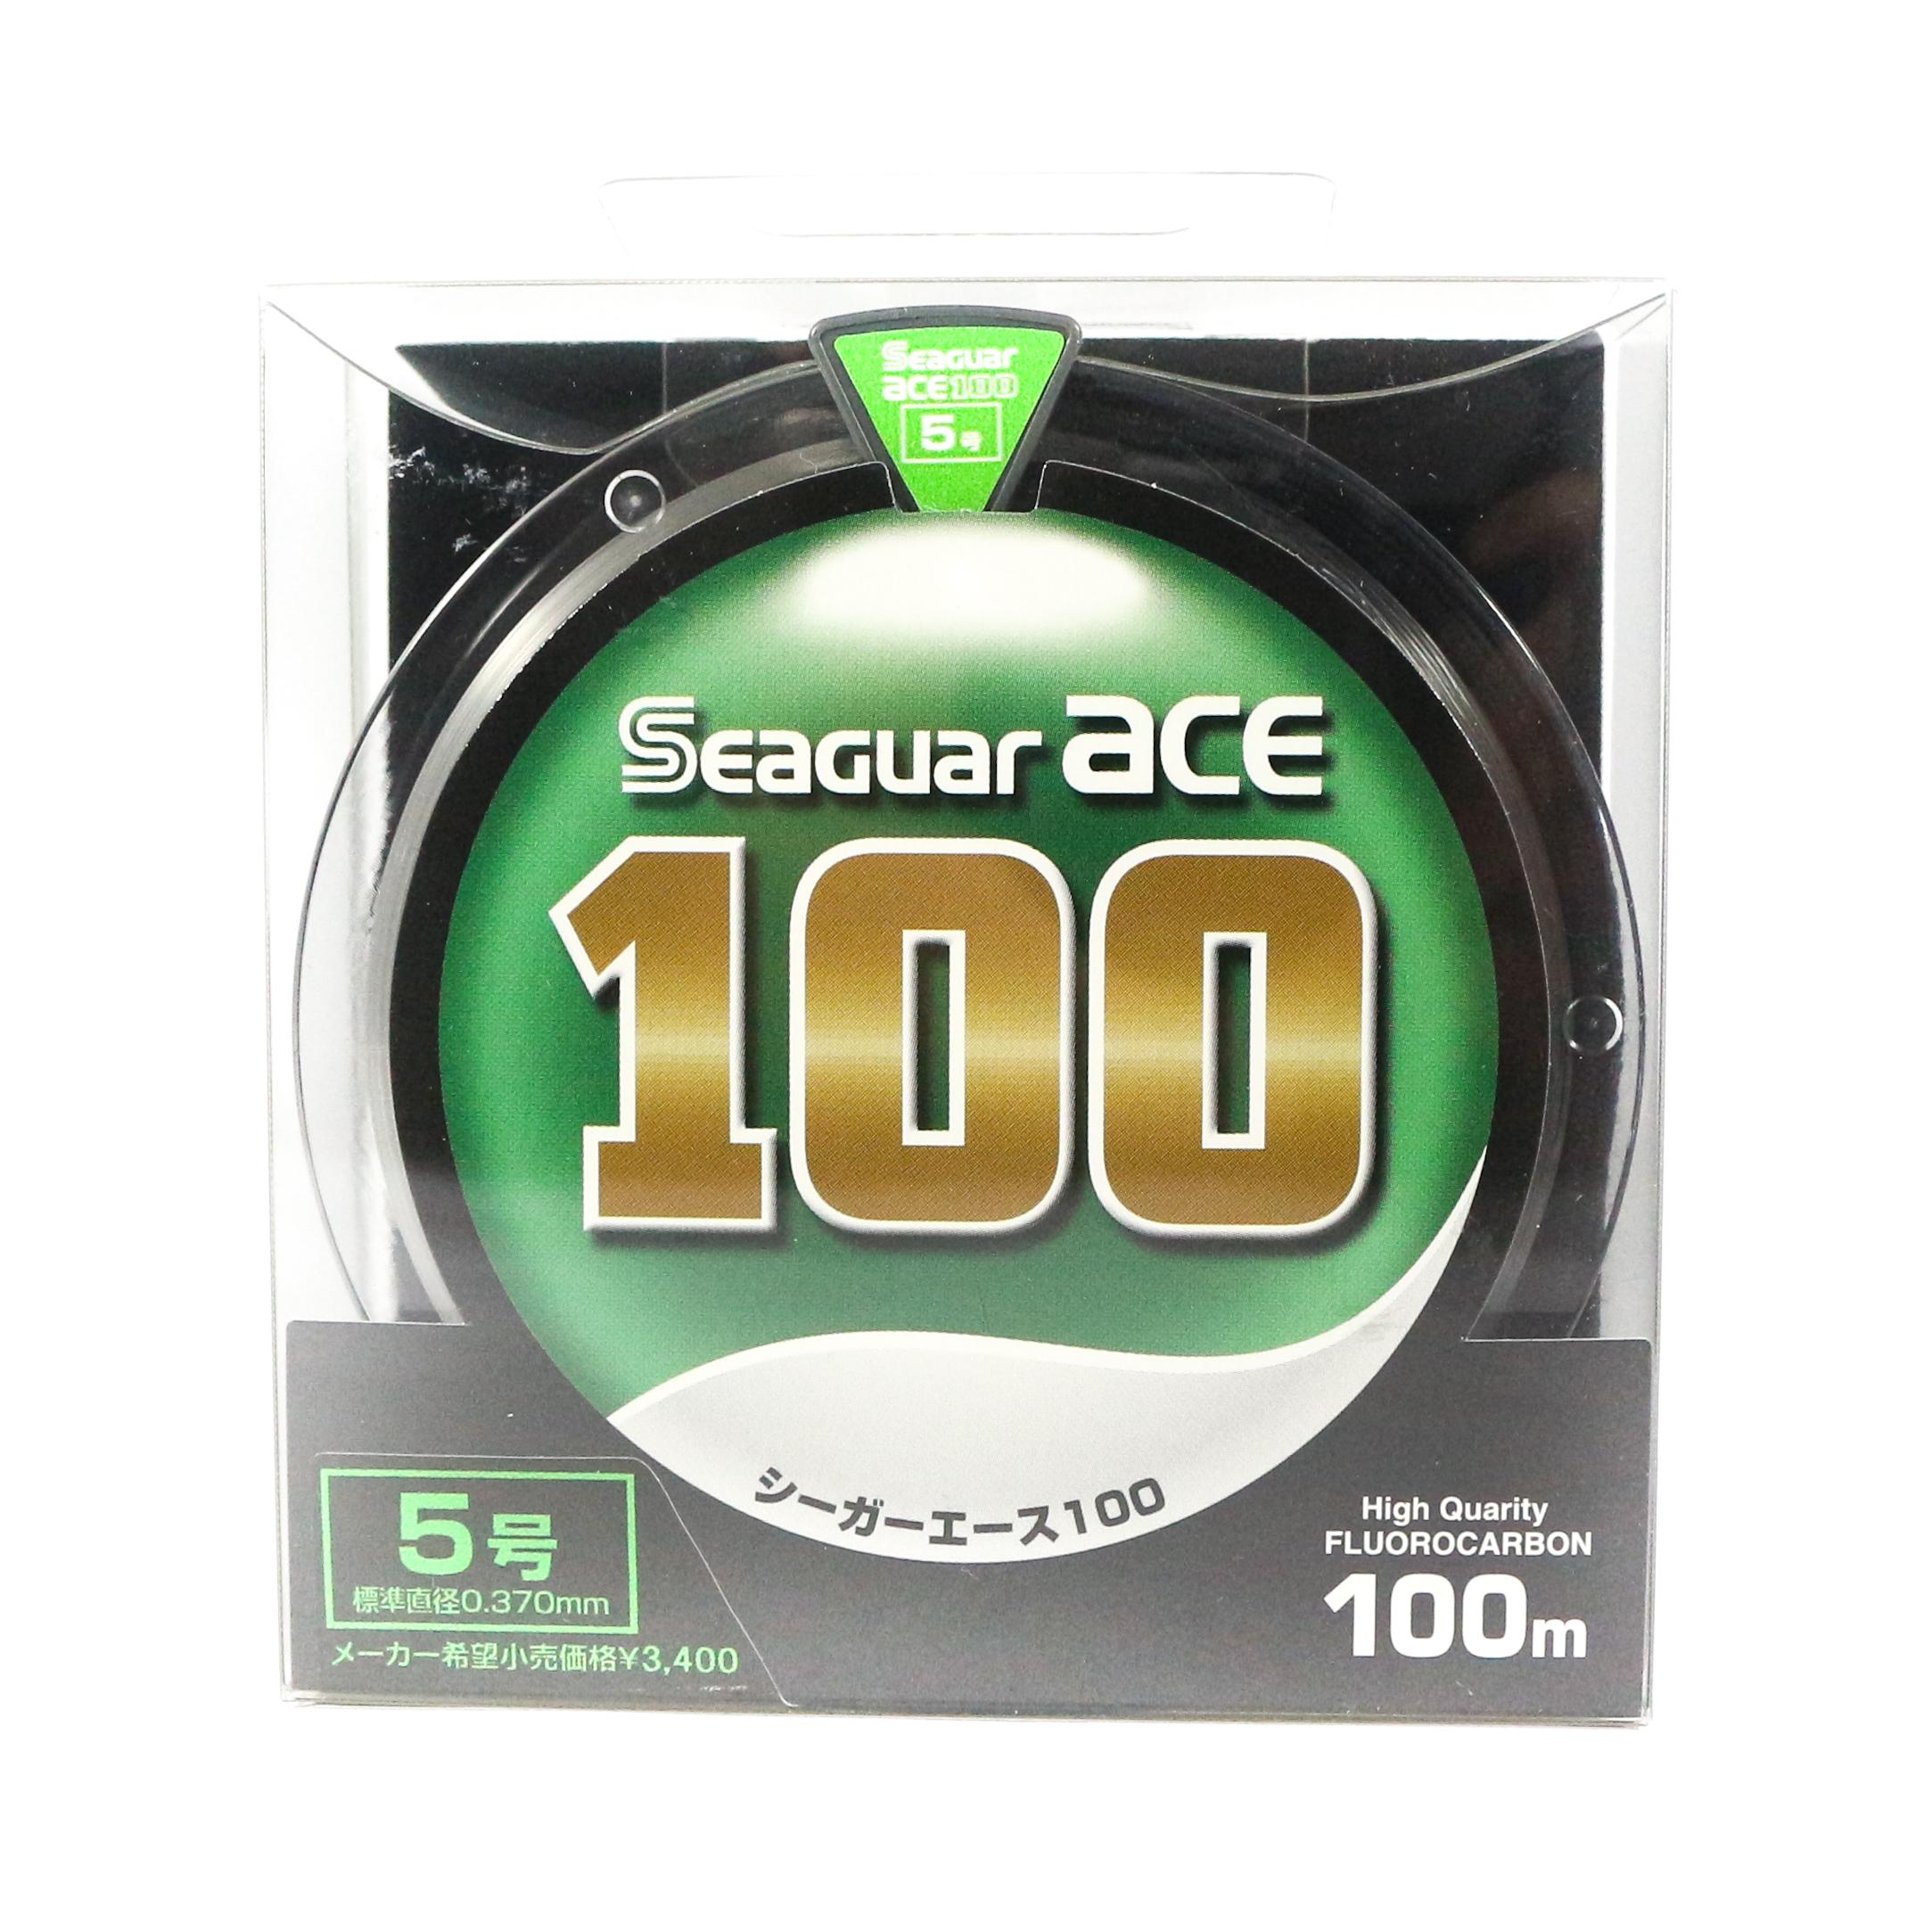 Seaguar Ace Fluorocarbon Leader Line 100m Size 5 - 5.9kg - 0.37mm (1315)